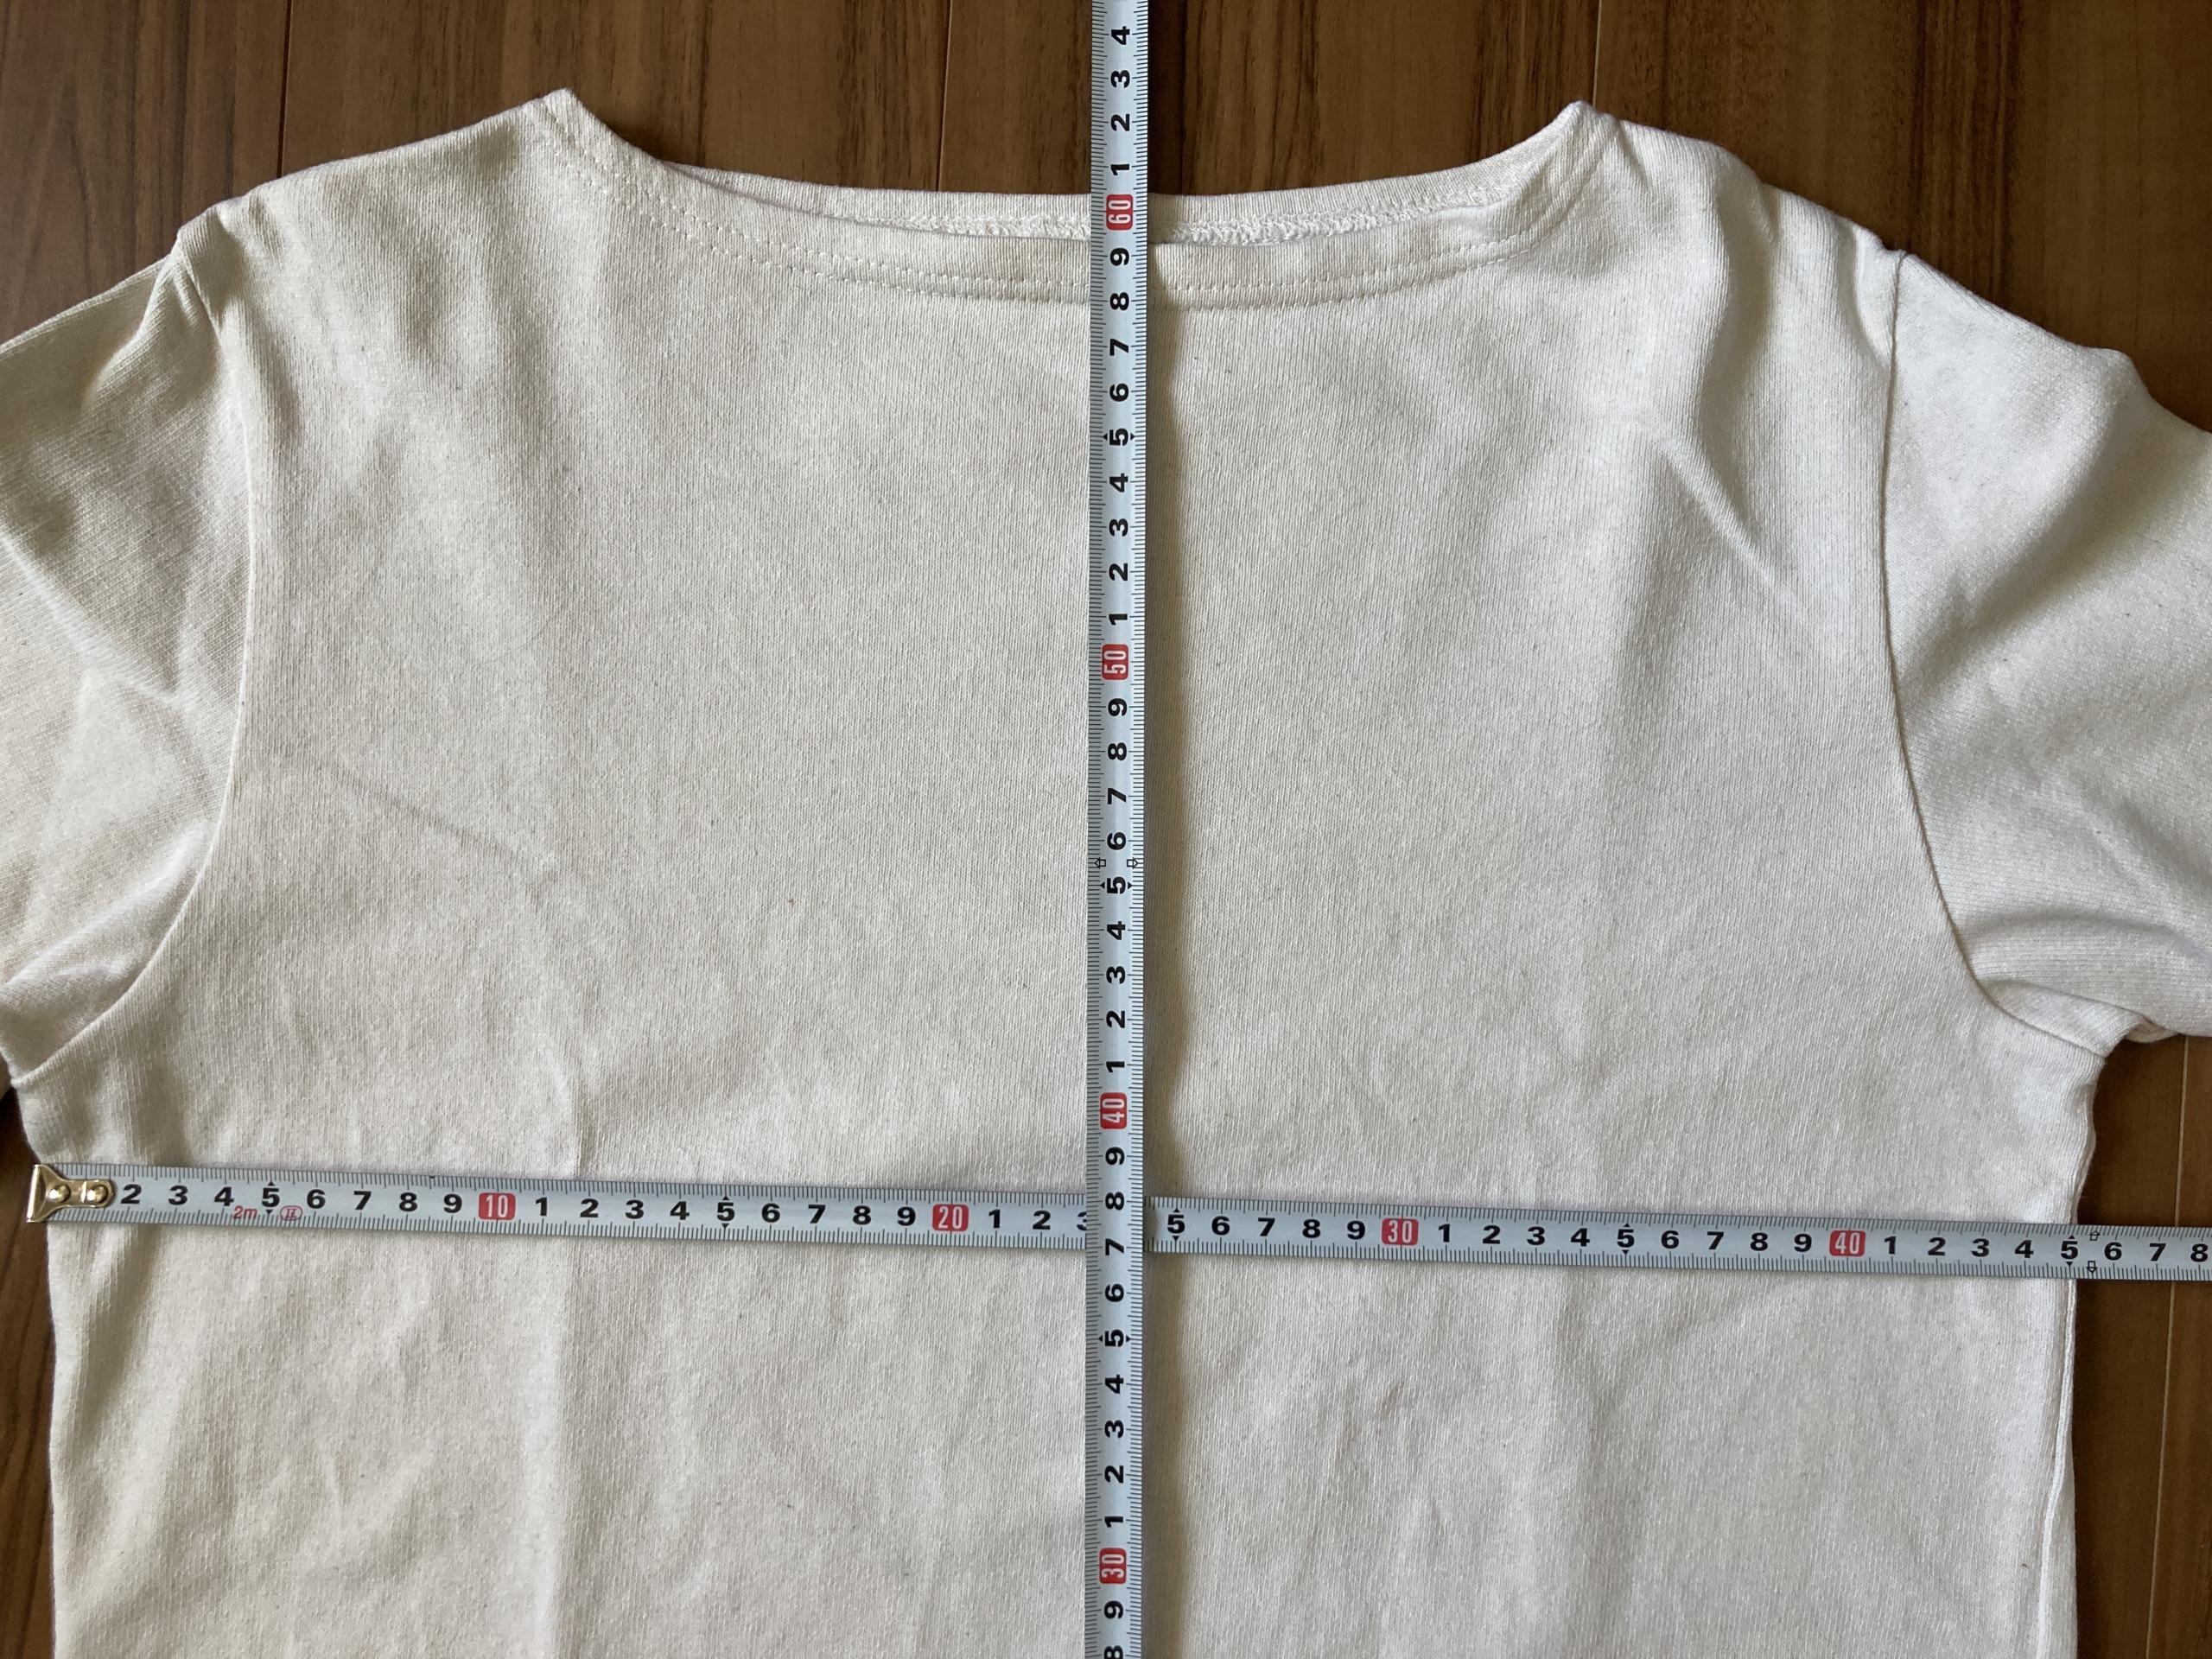 オーシバル コットンロード Orcival バスクシャツ 4回洗濯後 サイズ 縮み